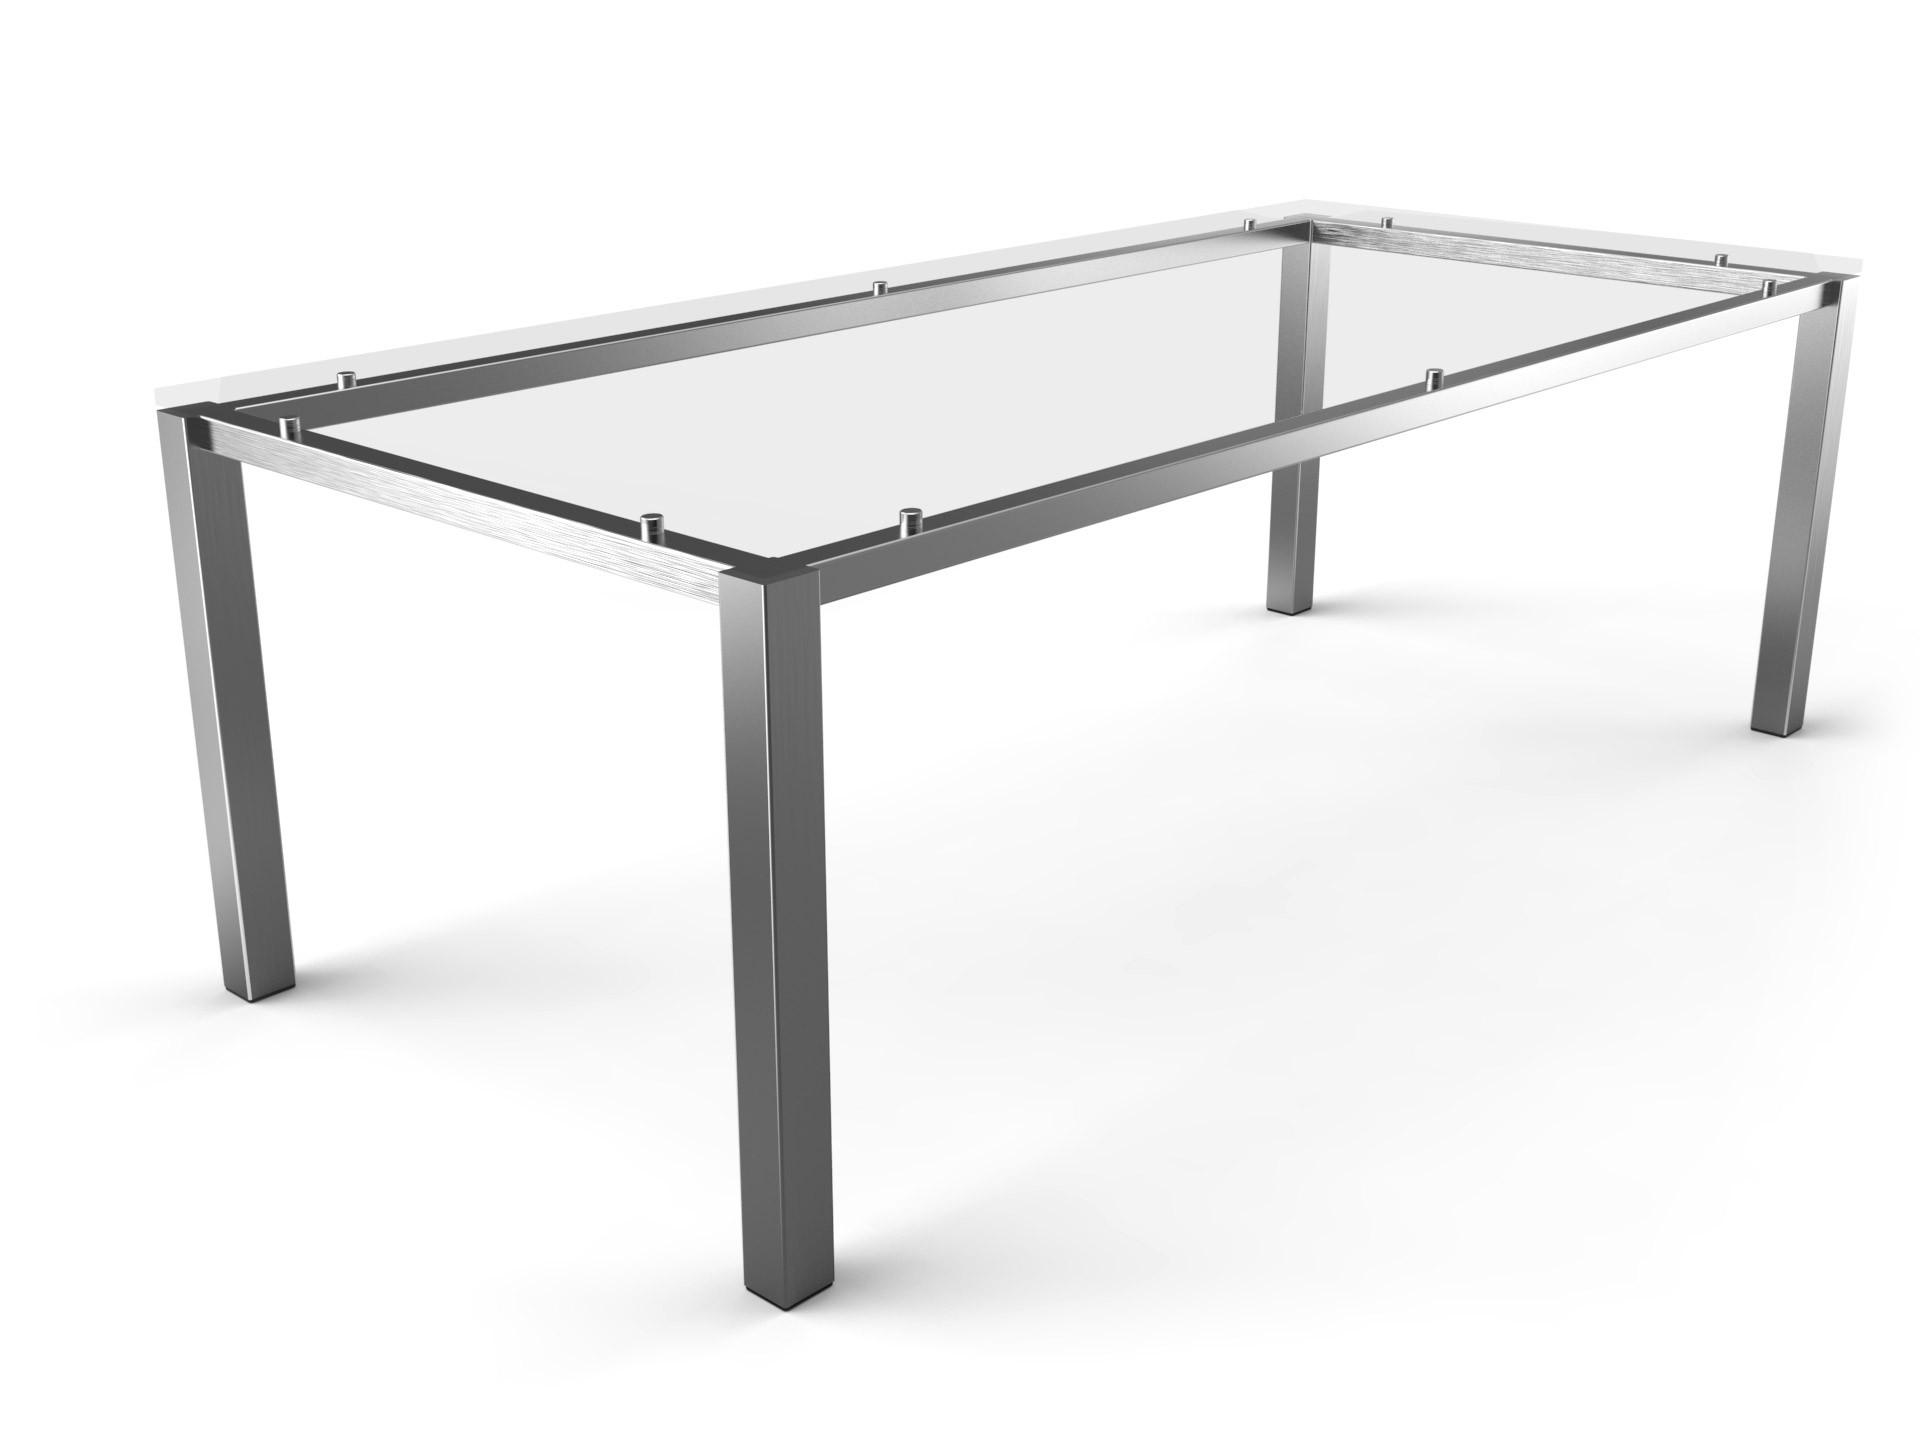 Tischgestell Schwebend Edelstahl-60